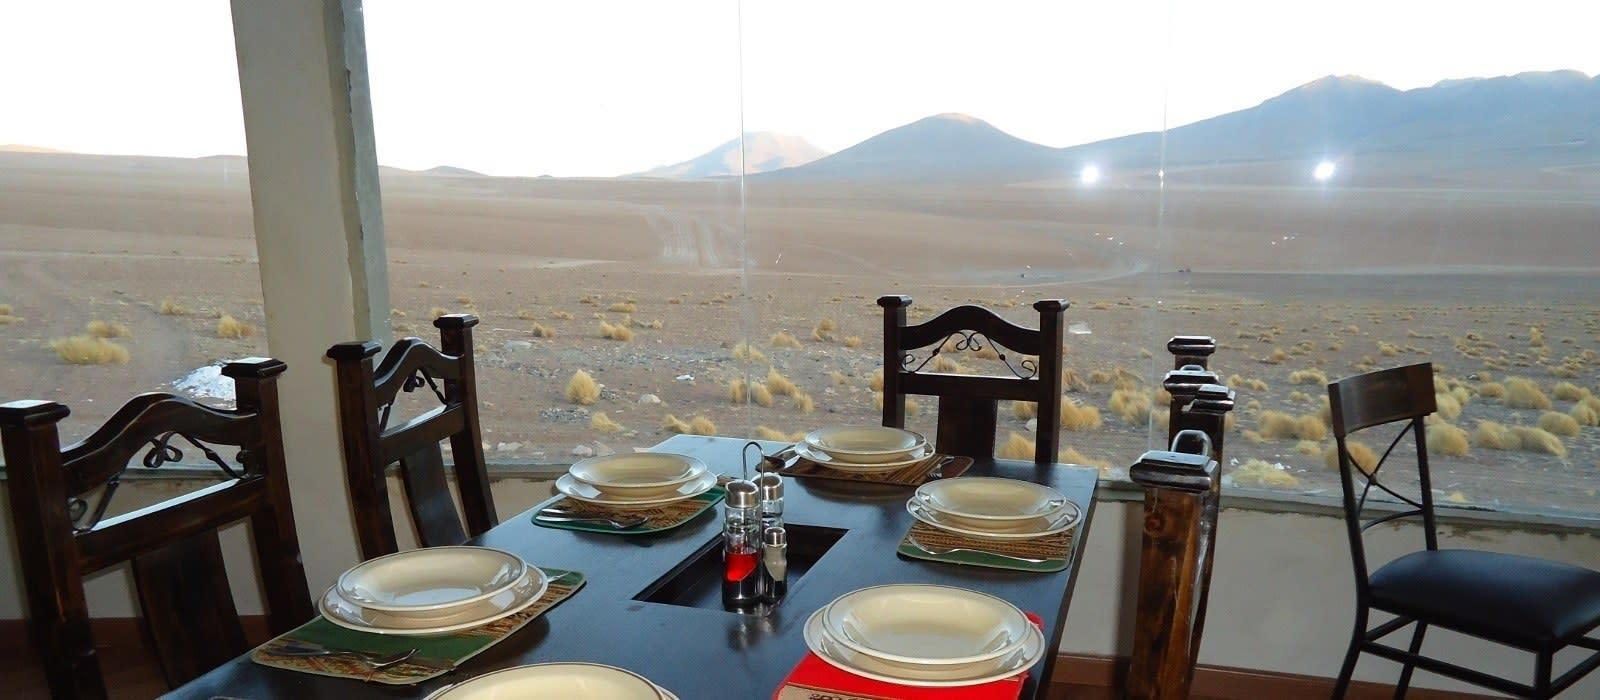 Hotel Tayka  del Desierto Bolivia